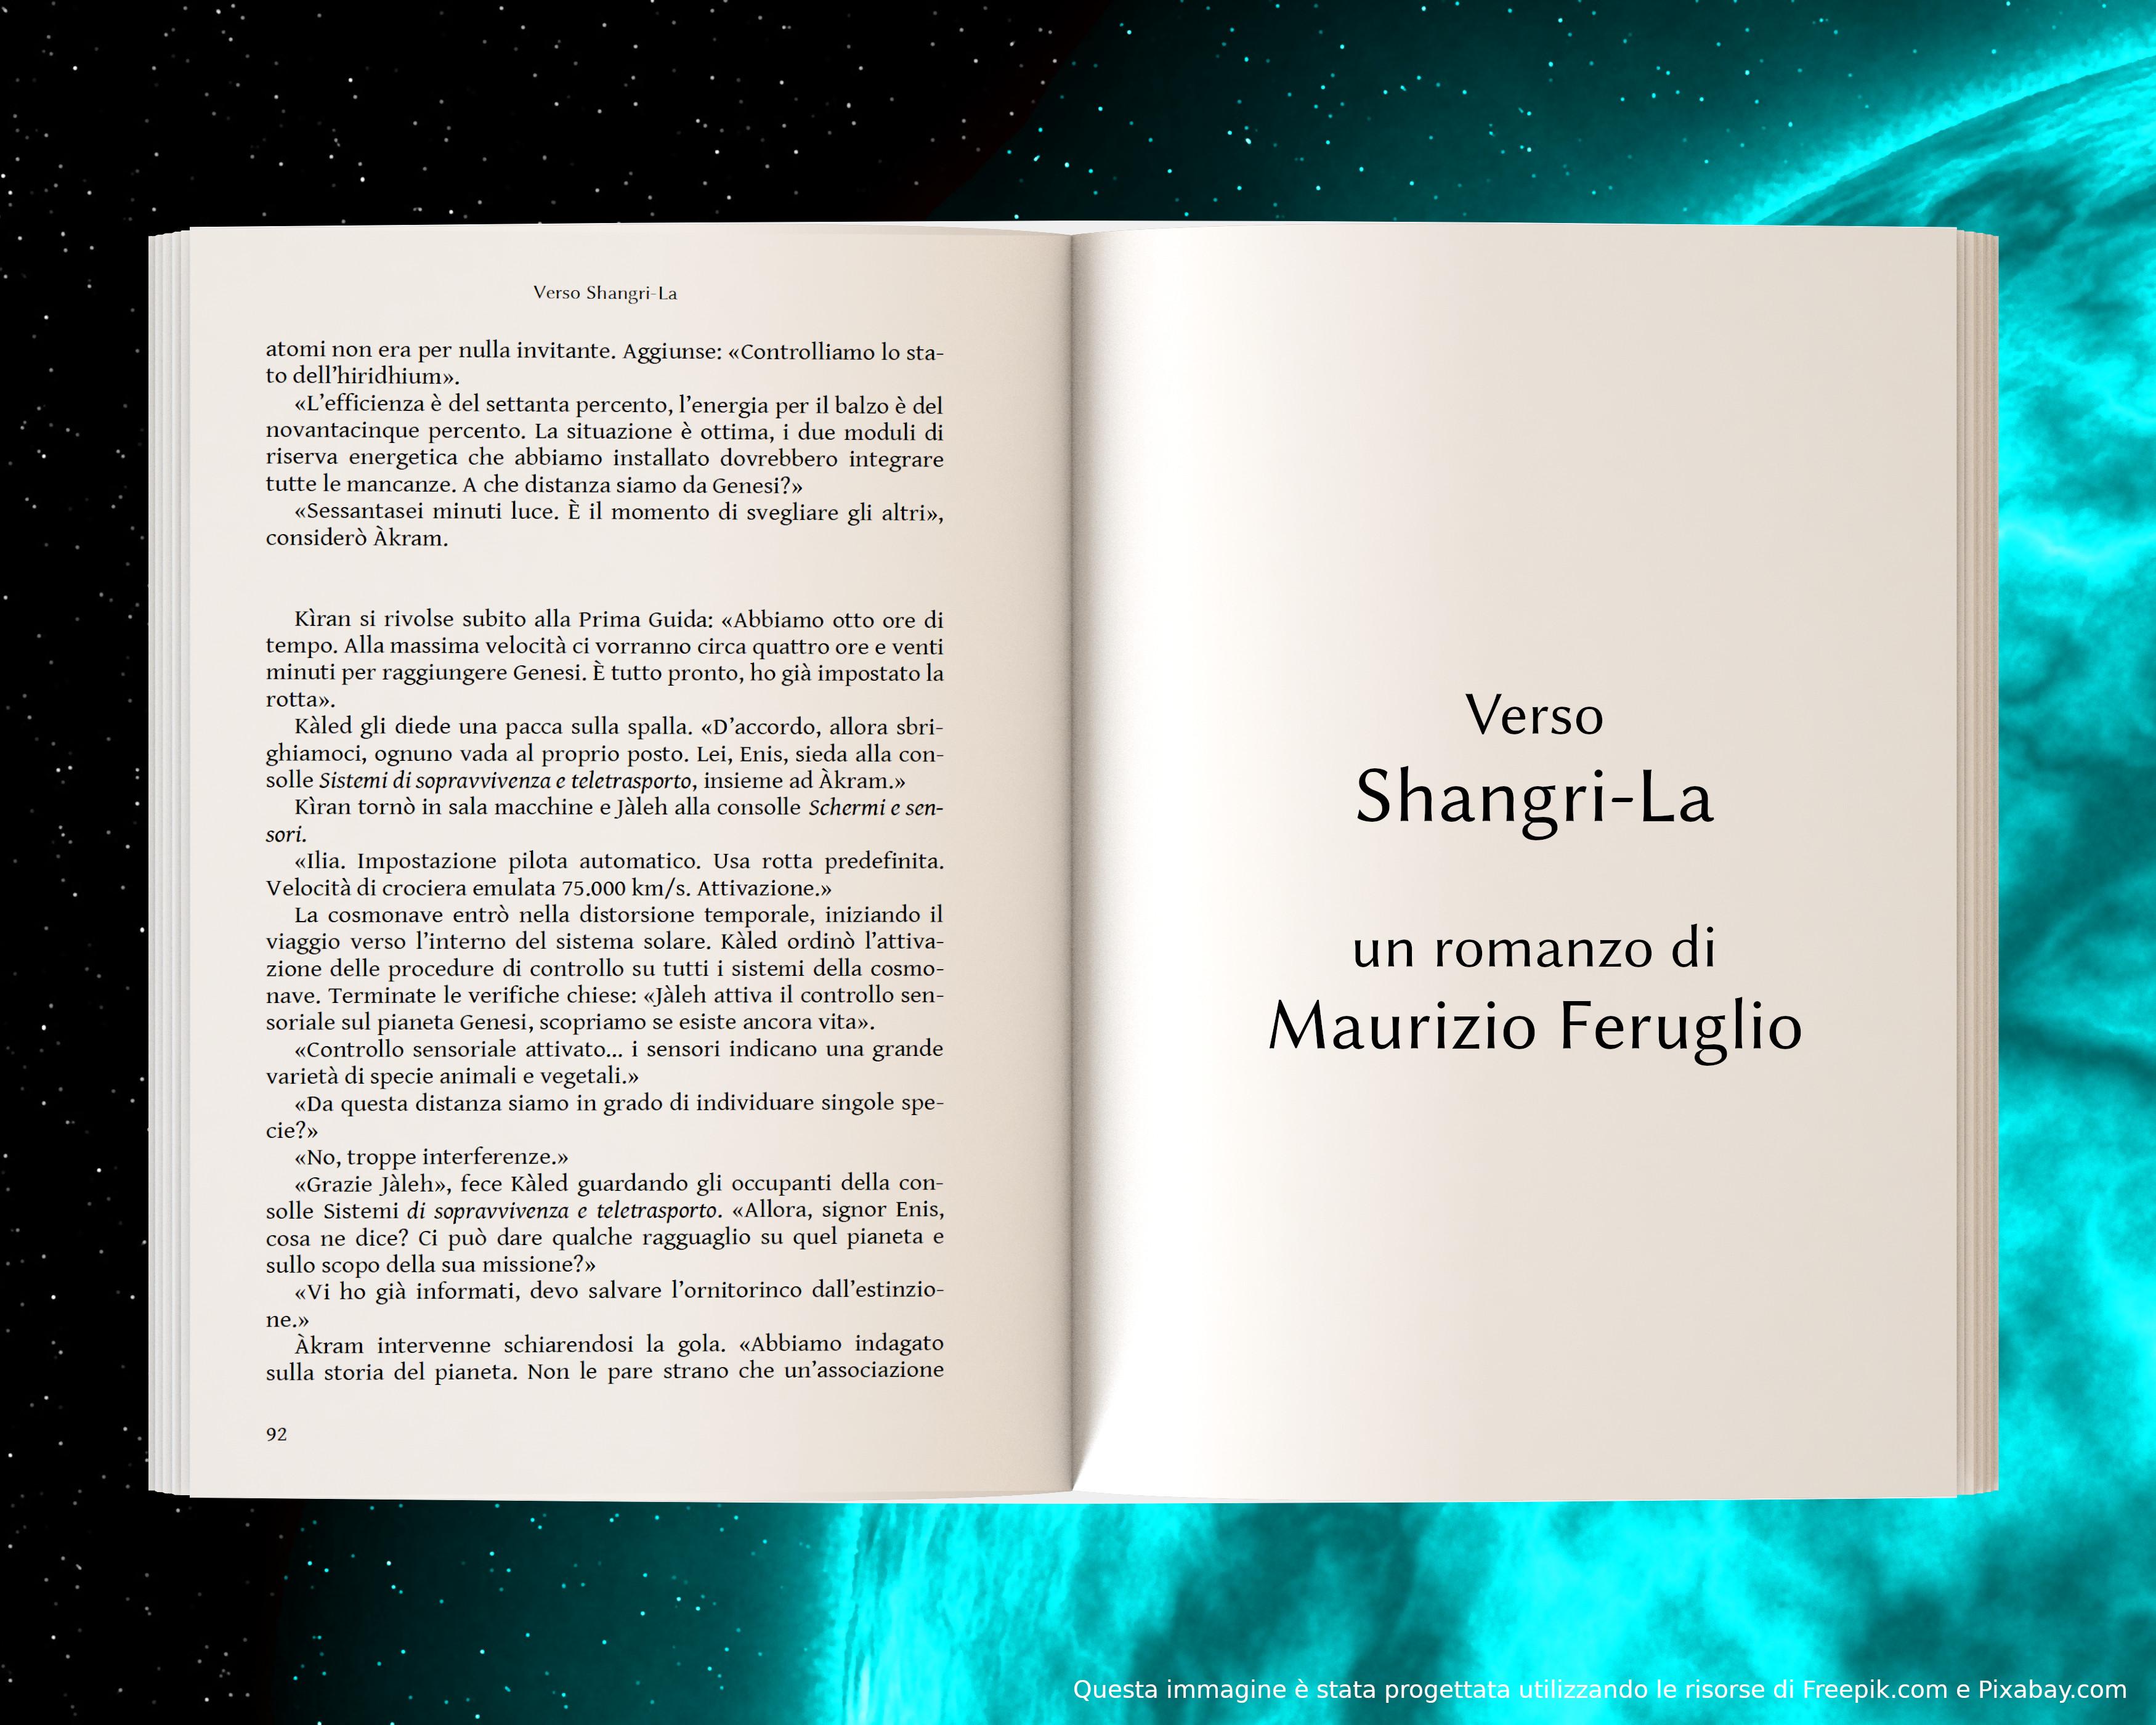 Lisier, parte seconda - anteprima di Verso Shangri-La di Maurizio Feruglio